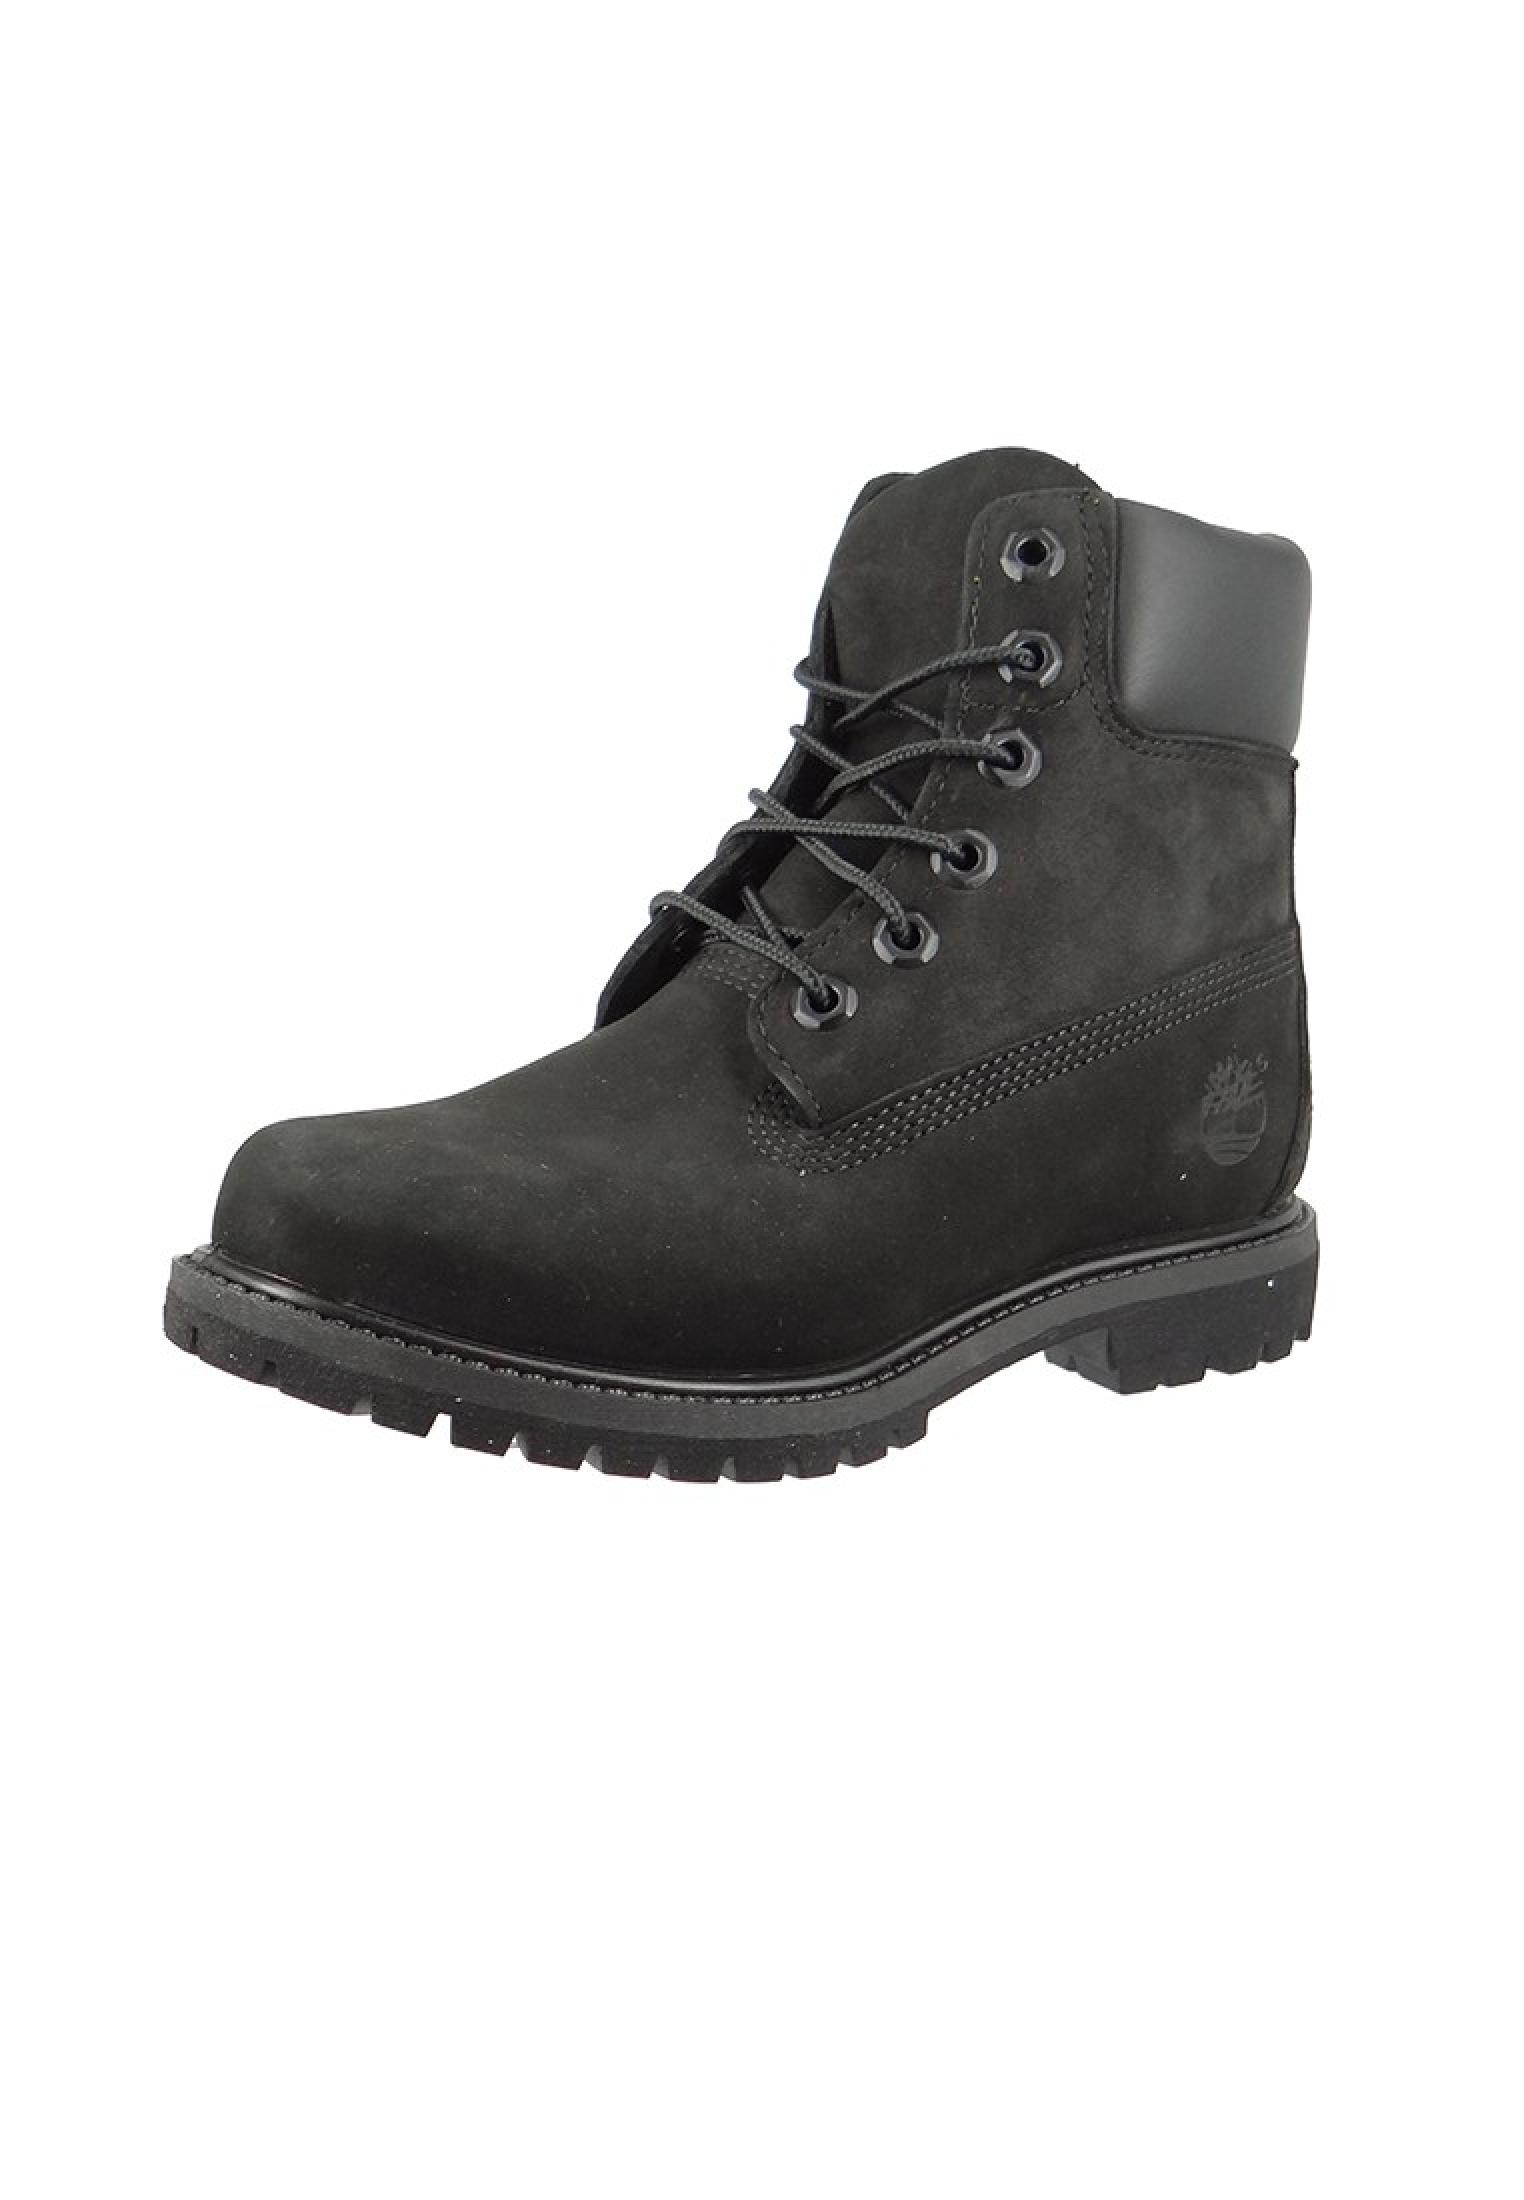 Timberland 6in Premium Boot Black, Schuhe, Stiefel & Boots, Stiefel, Schwarz, Female, 35